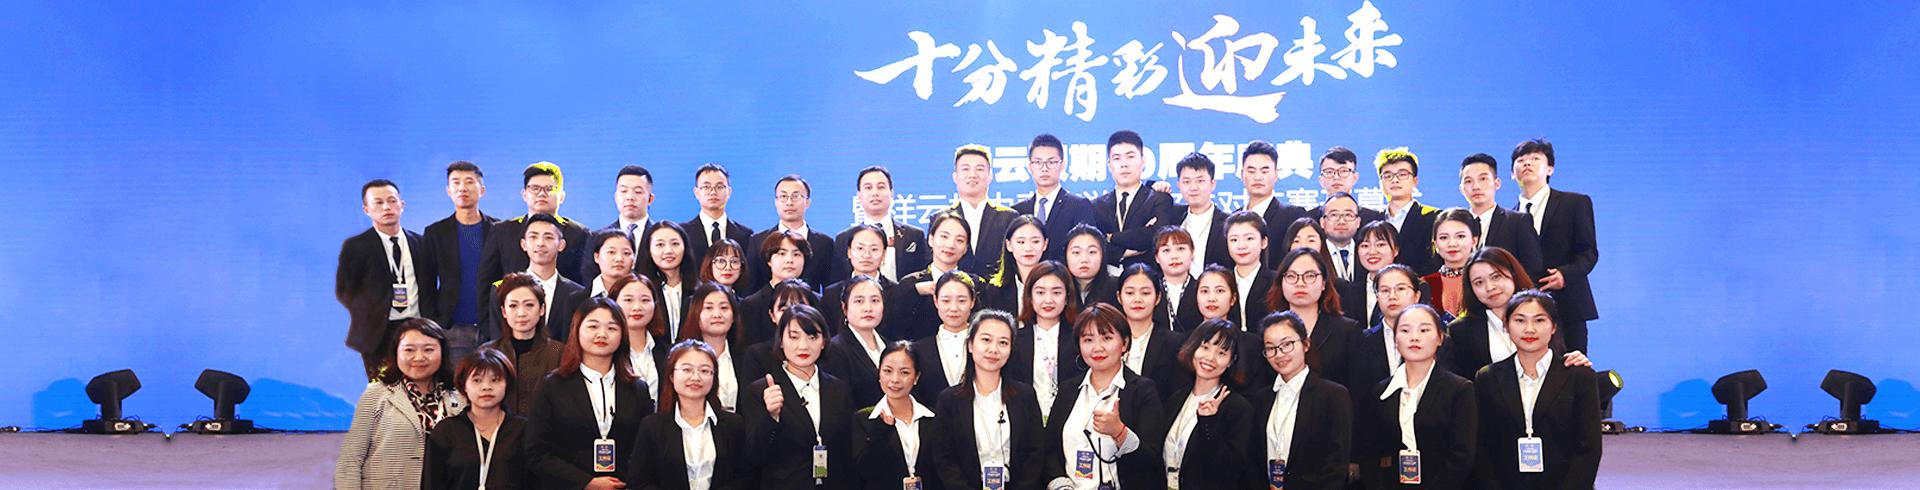 https://cdn.op110.com.cn/official/img/2019/3/21/7505963.png